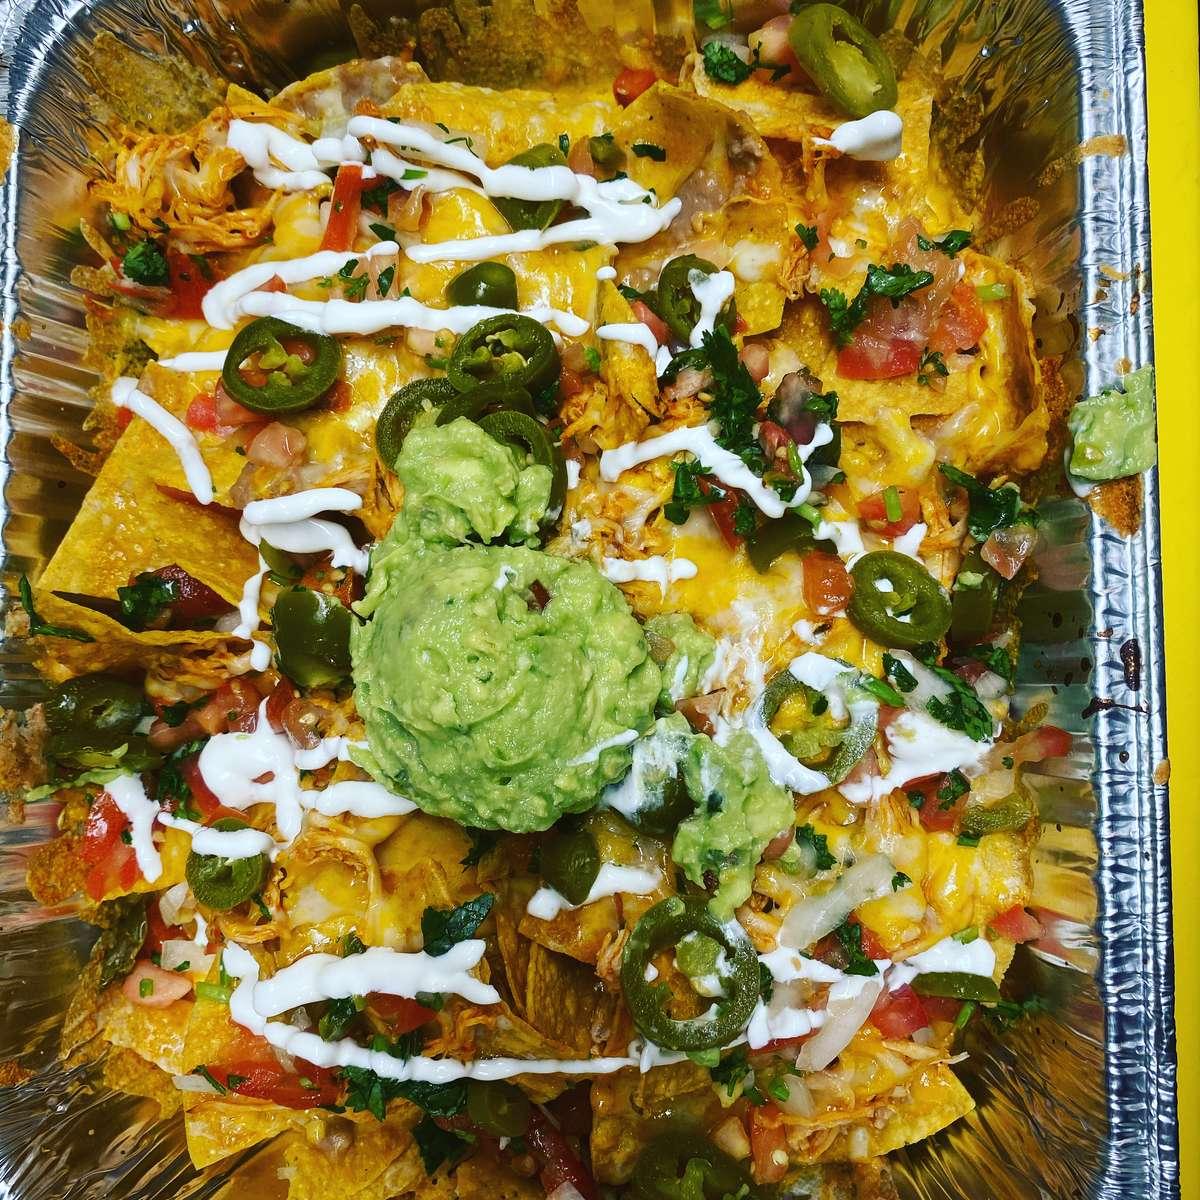 Family style nachos